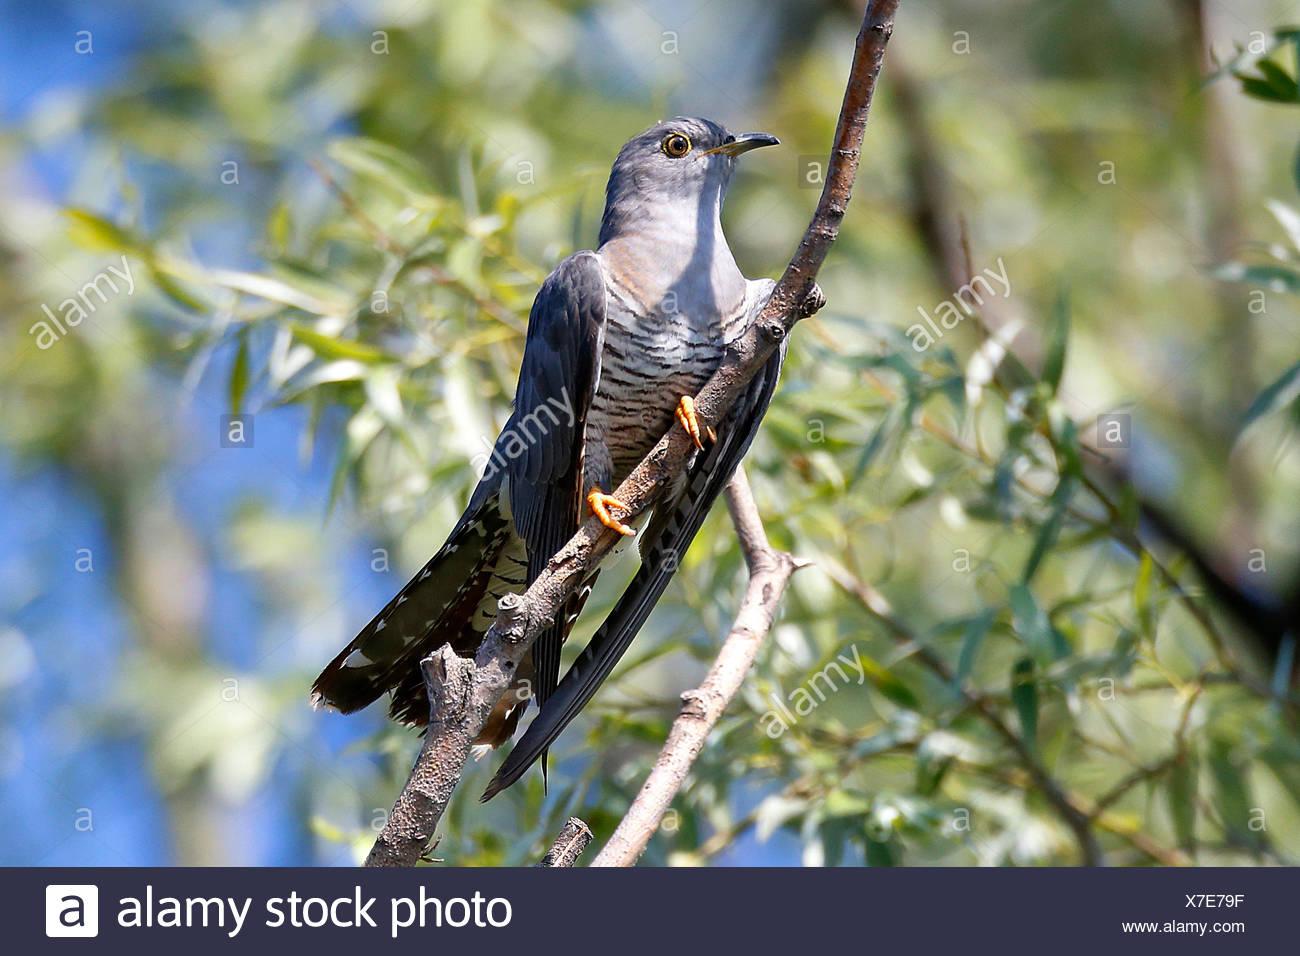 Kuckuck (Cuculus canorus), sitzt auf einem Ast, Rumaenien, Donaudelta | Eurasian cuckoo (Cuculus canorus), sitting on a branch,  - Stock Image